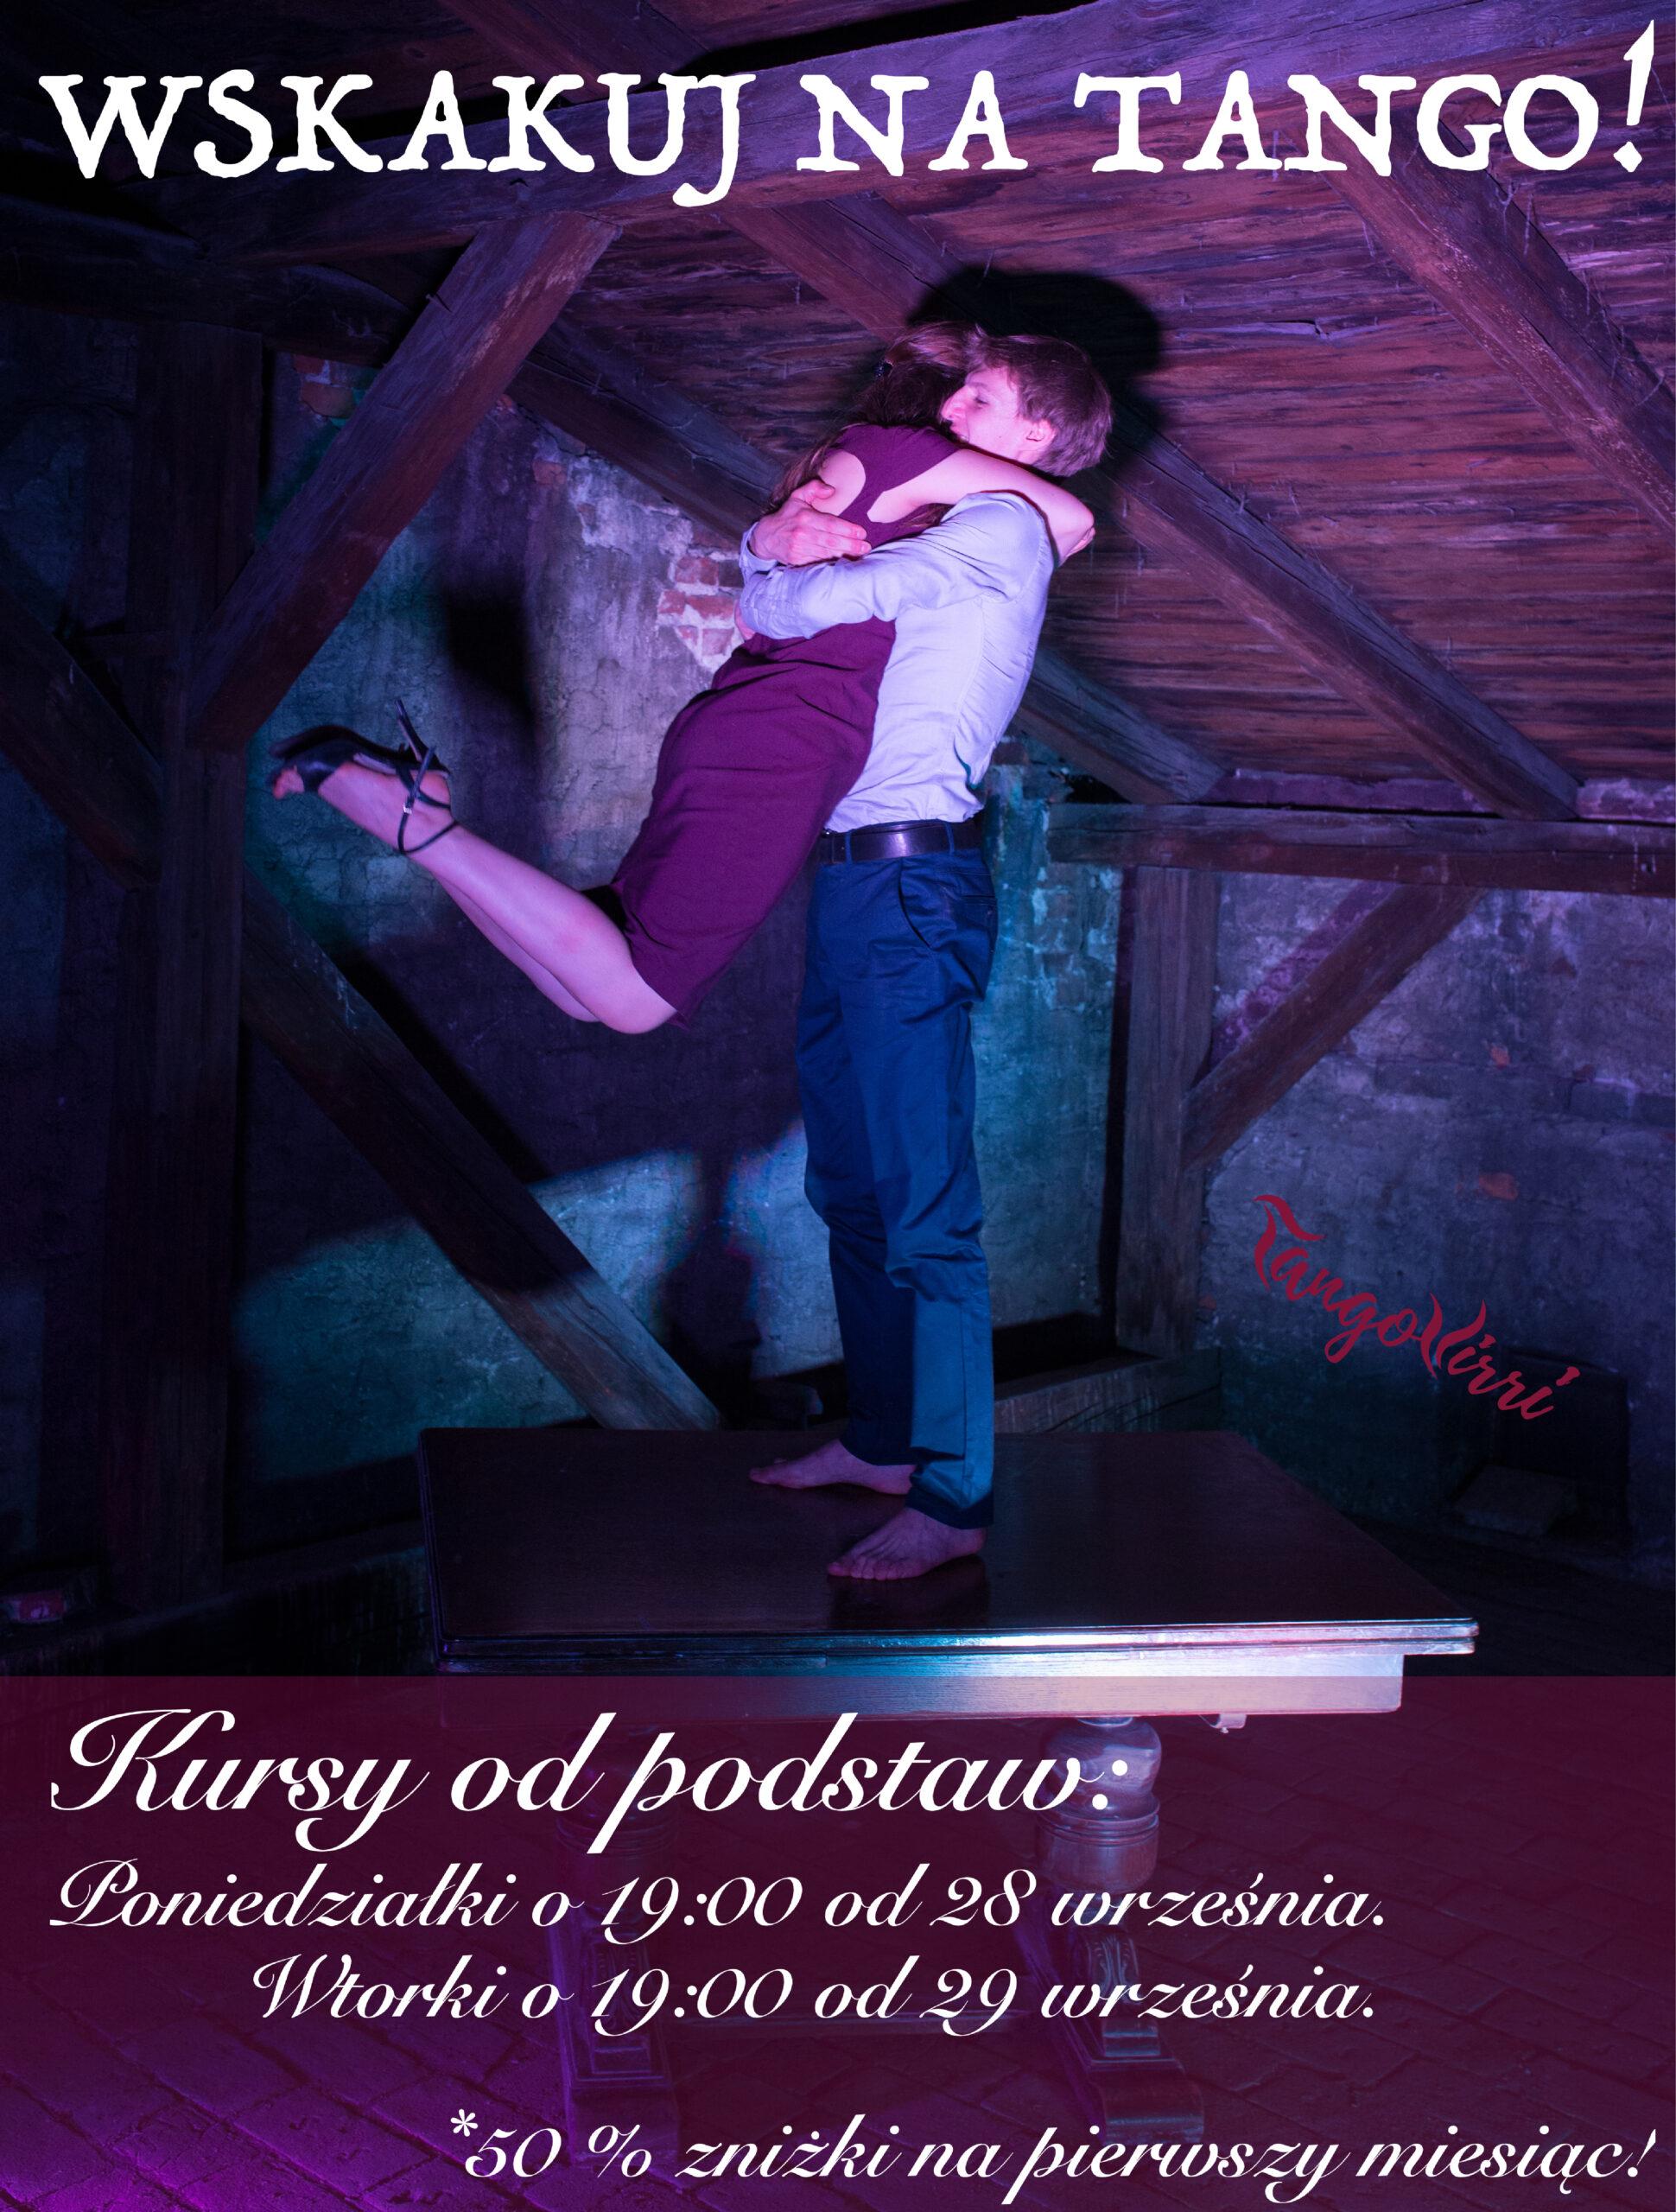 Wskakuj na tango!;)